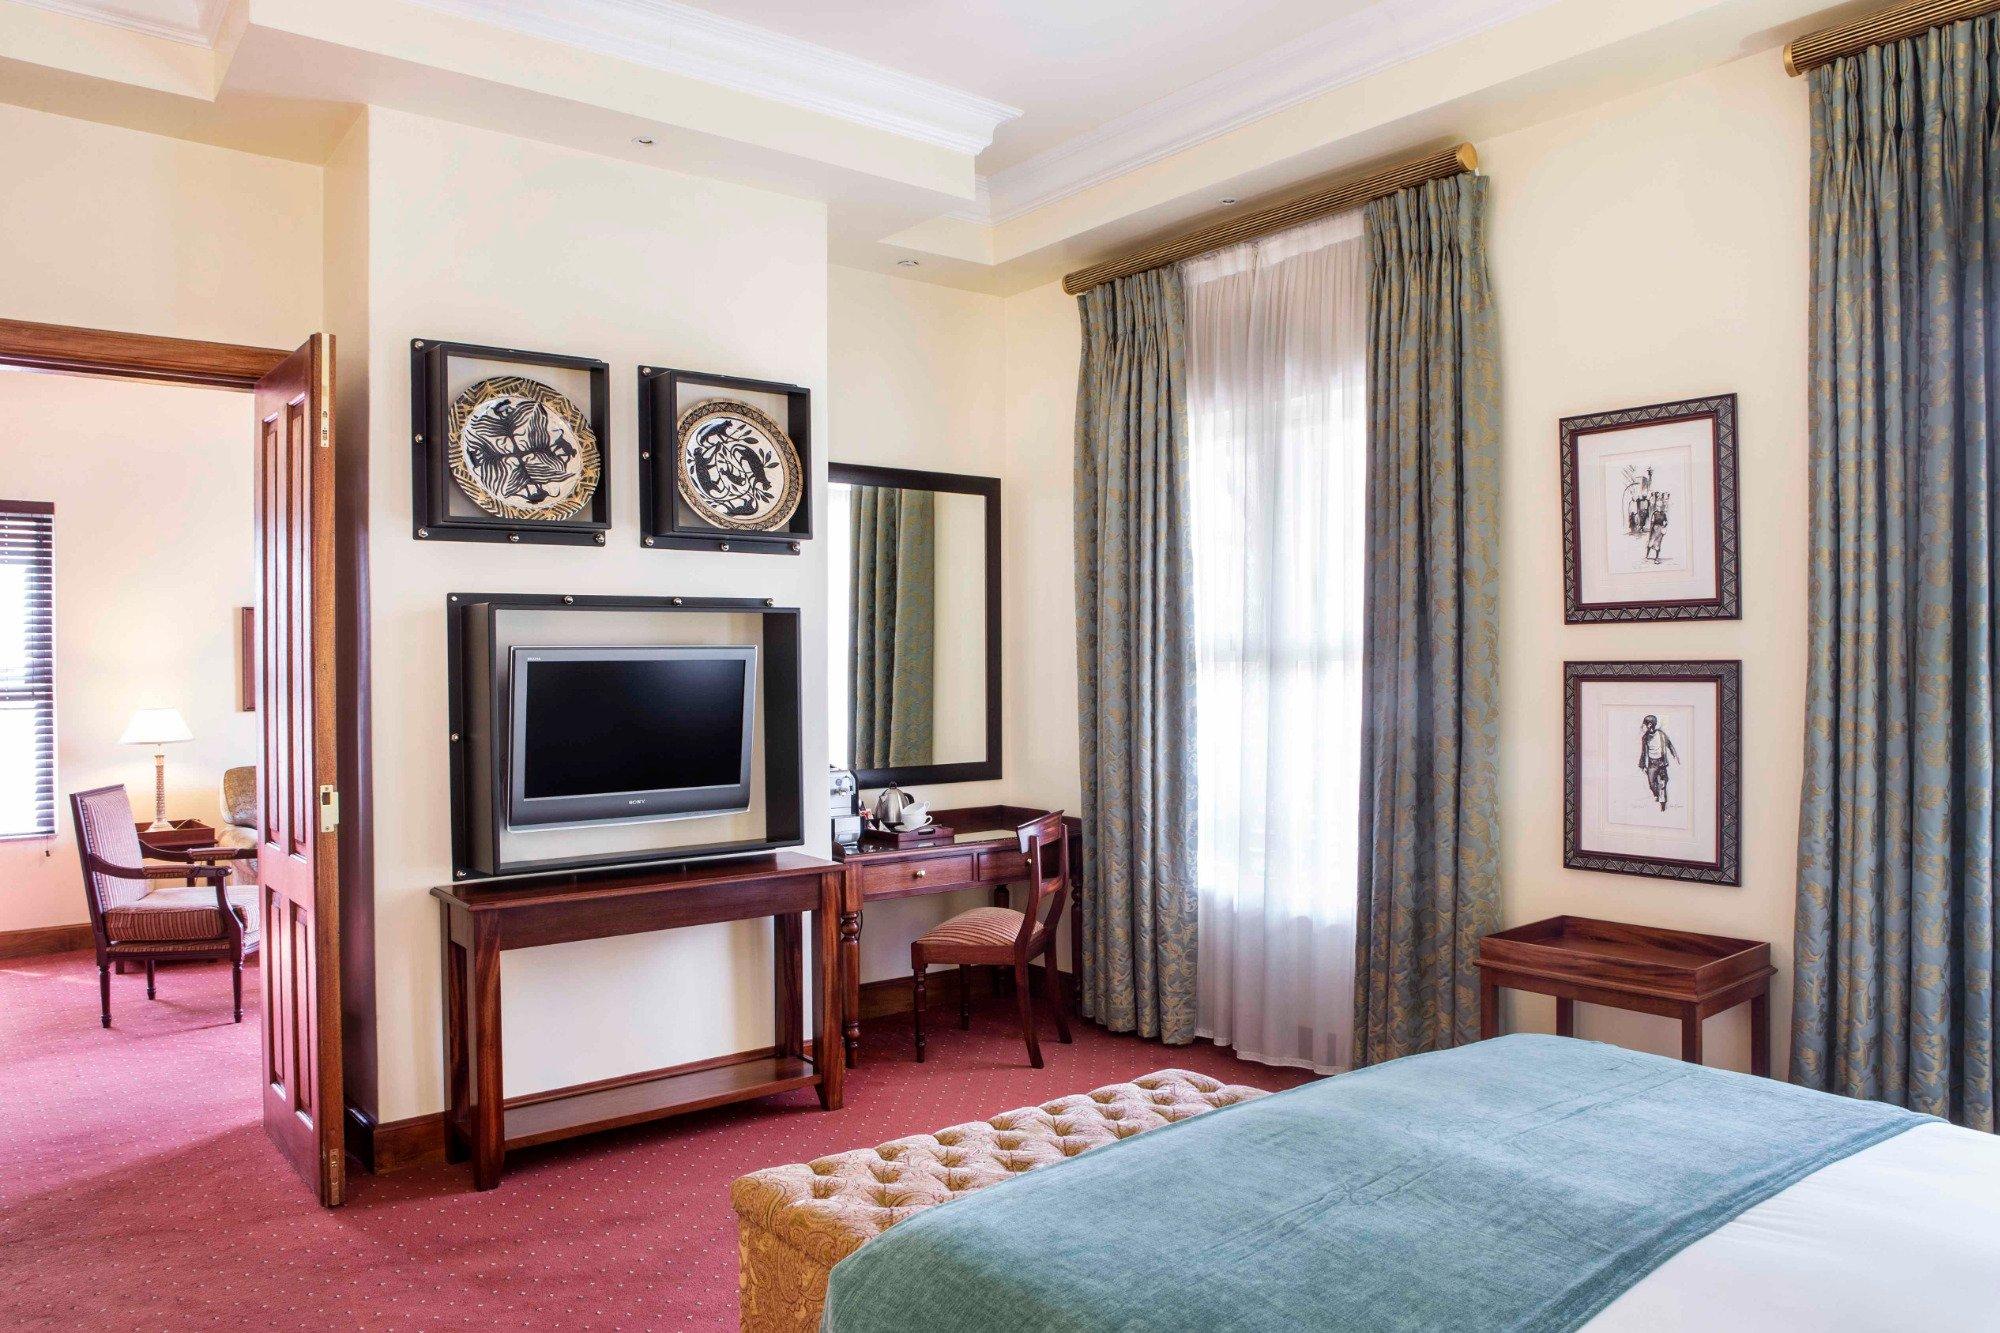 โรงแรมแฟร์ซิตี้ควอเทอเมน